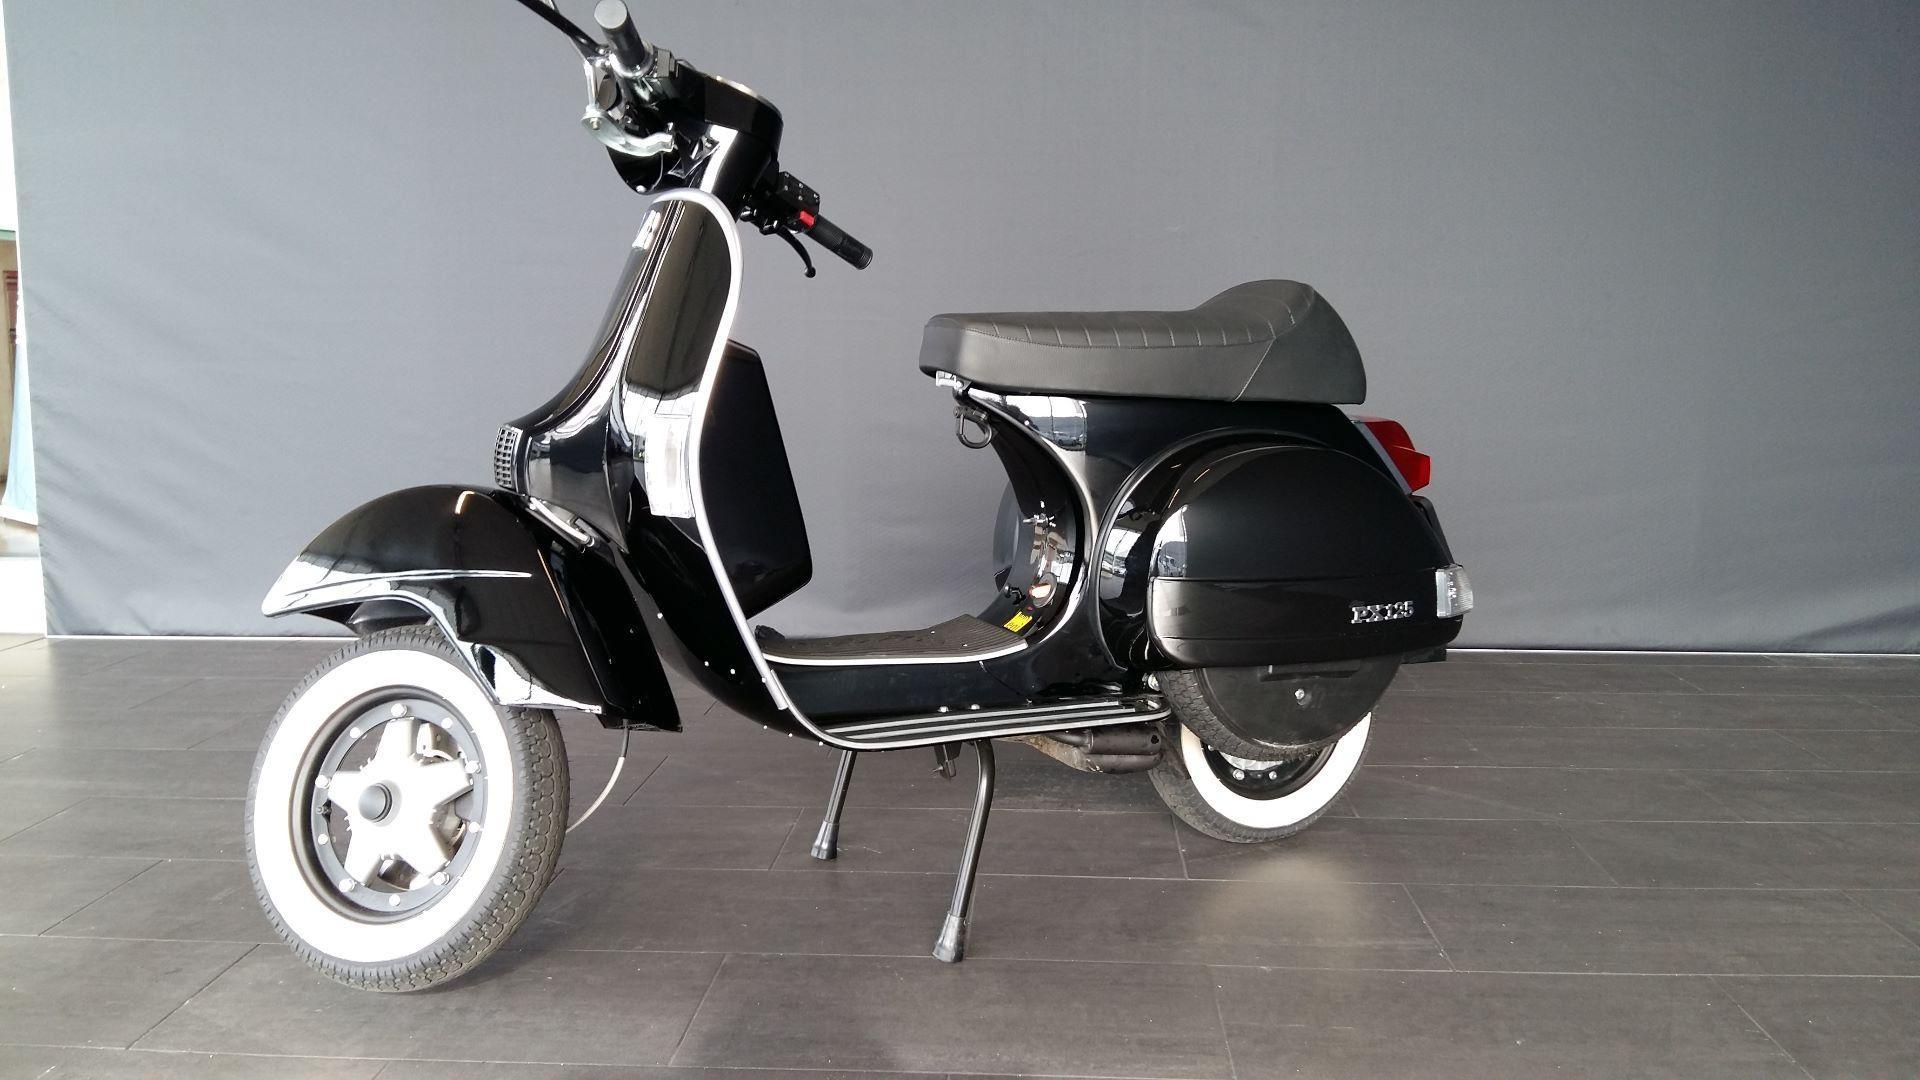 vespa px 125 occasion motorrad occasion kaufen piaggio. Black Bedroom Furniture Sets. Home Design Ideas